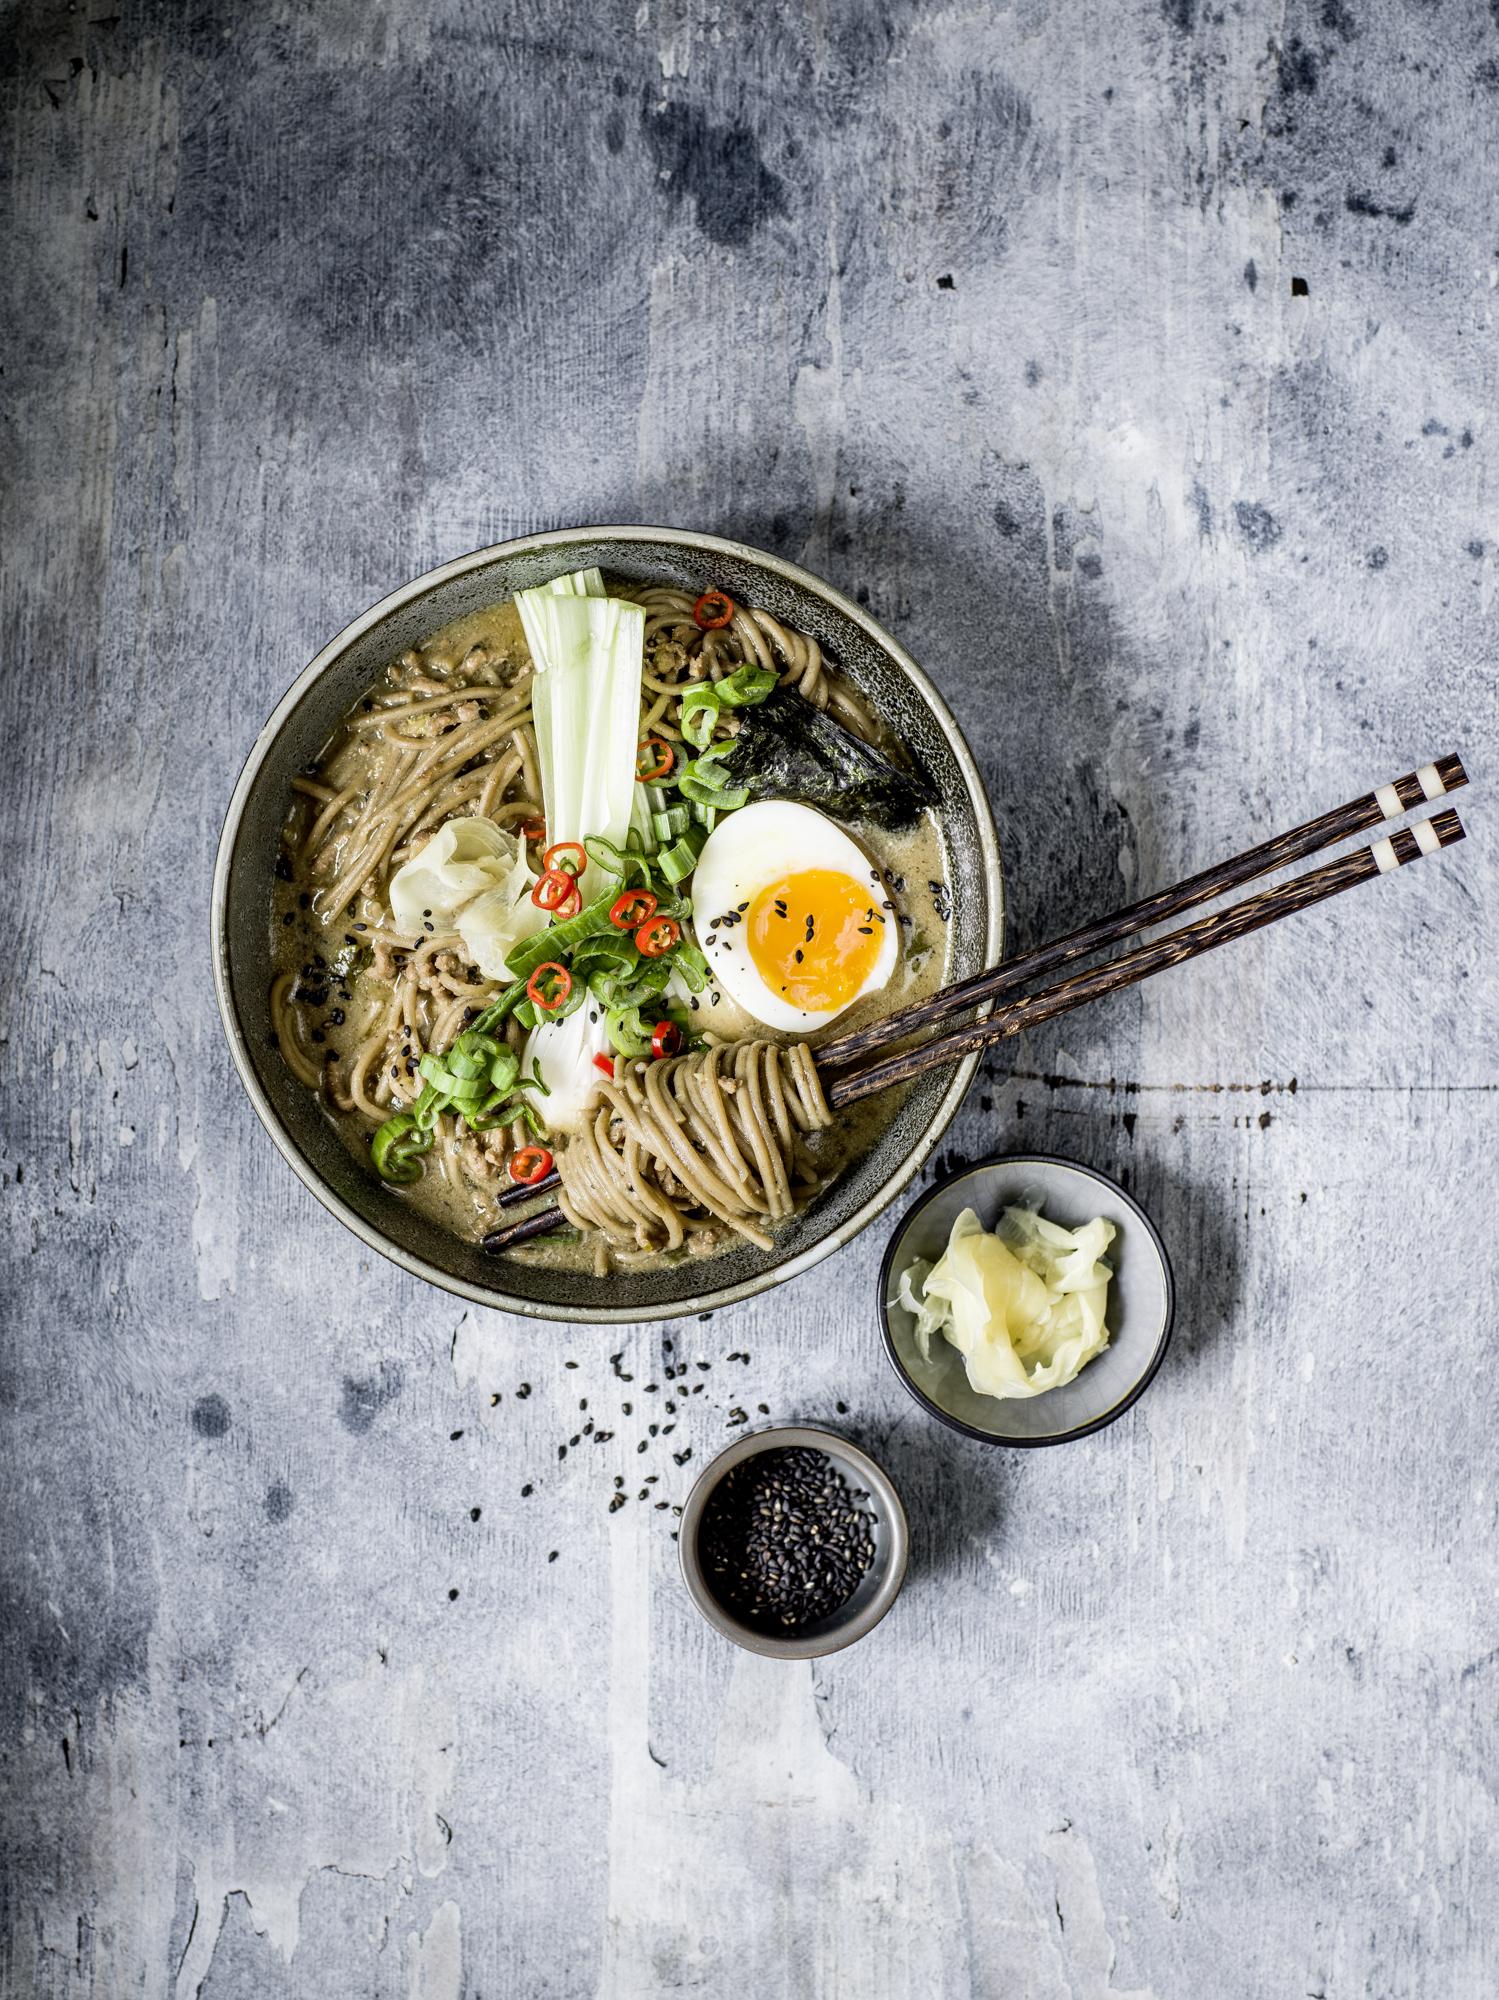 Food-Fotografie Bowls, Stefan Schmidlin Fotograf Basel; Bild 7.jpg